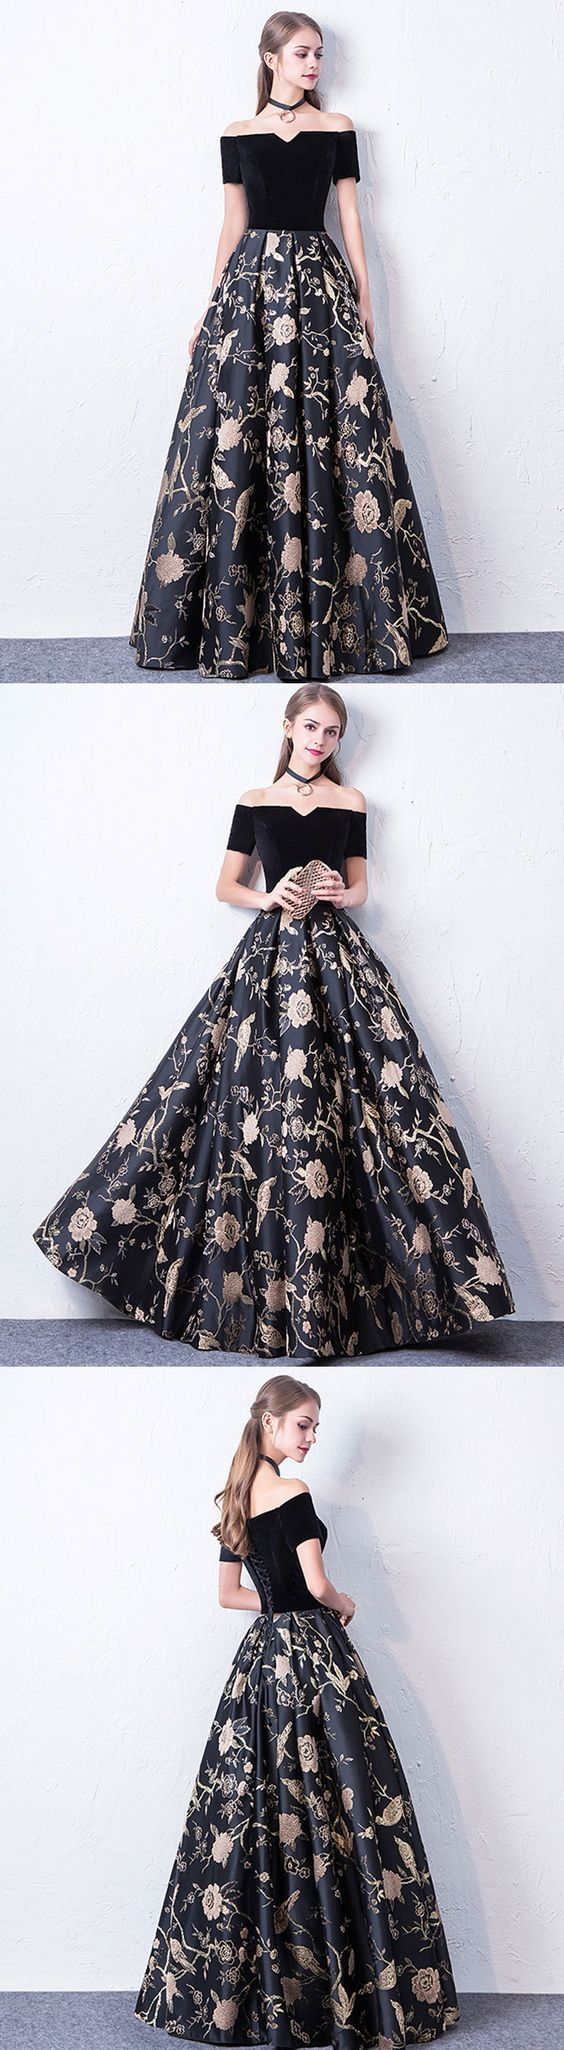 Black off shoulder long prom dress black evening dress black